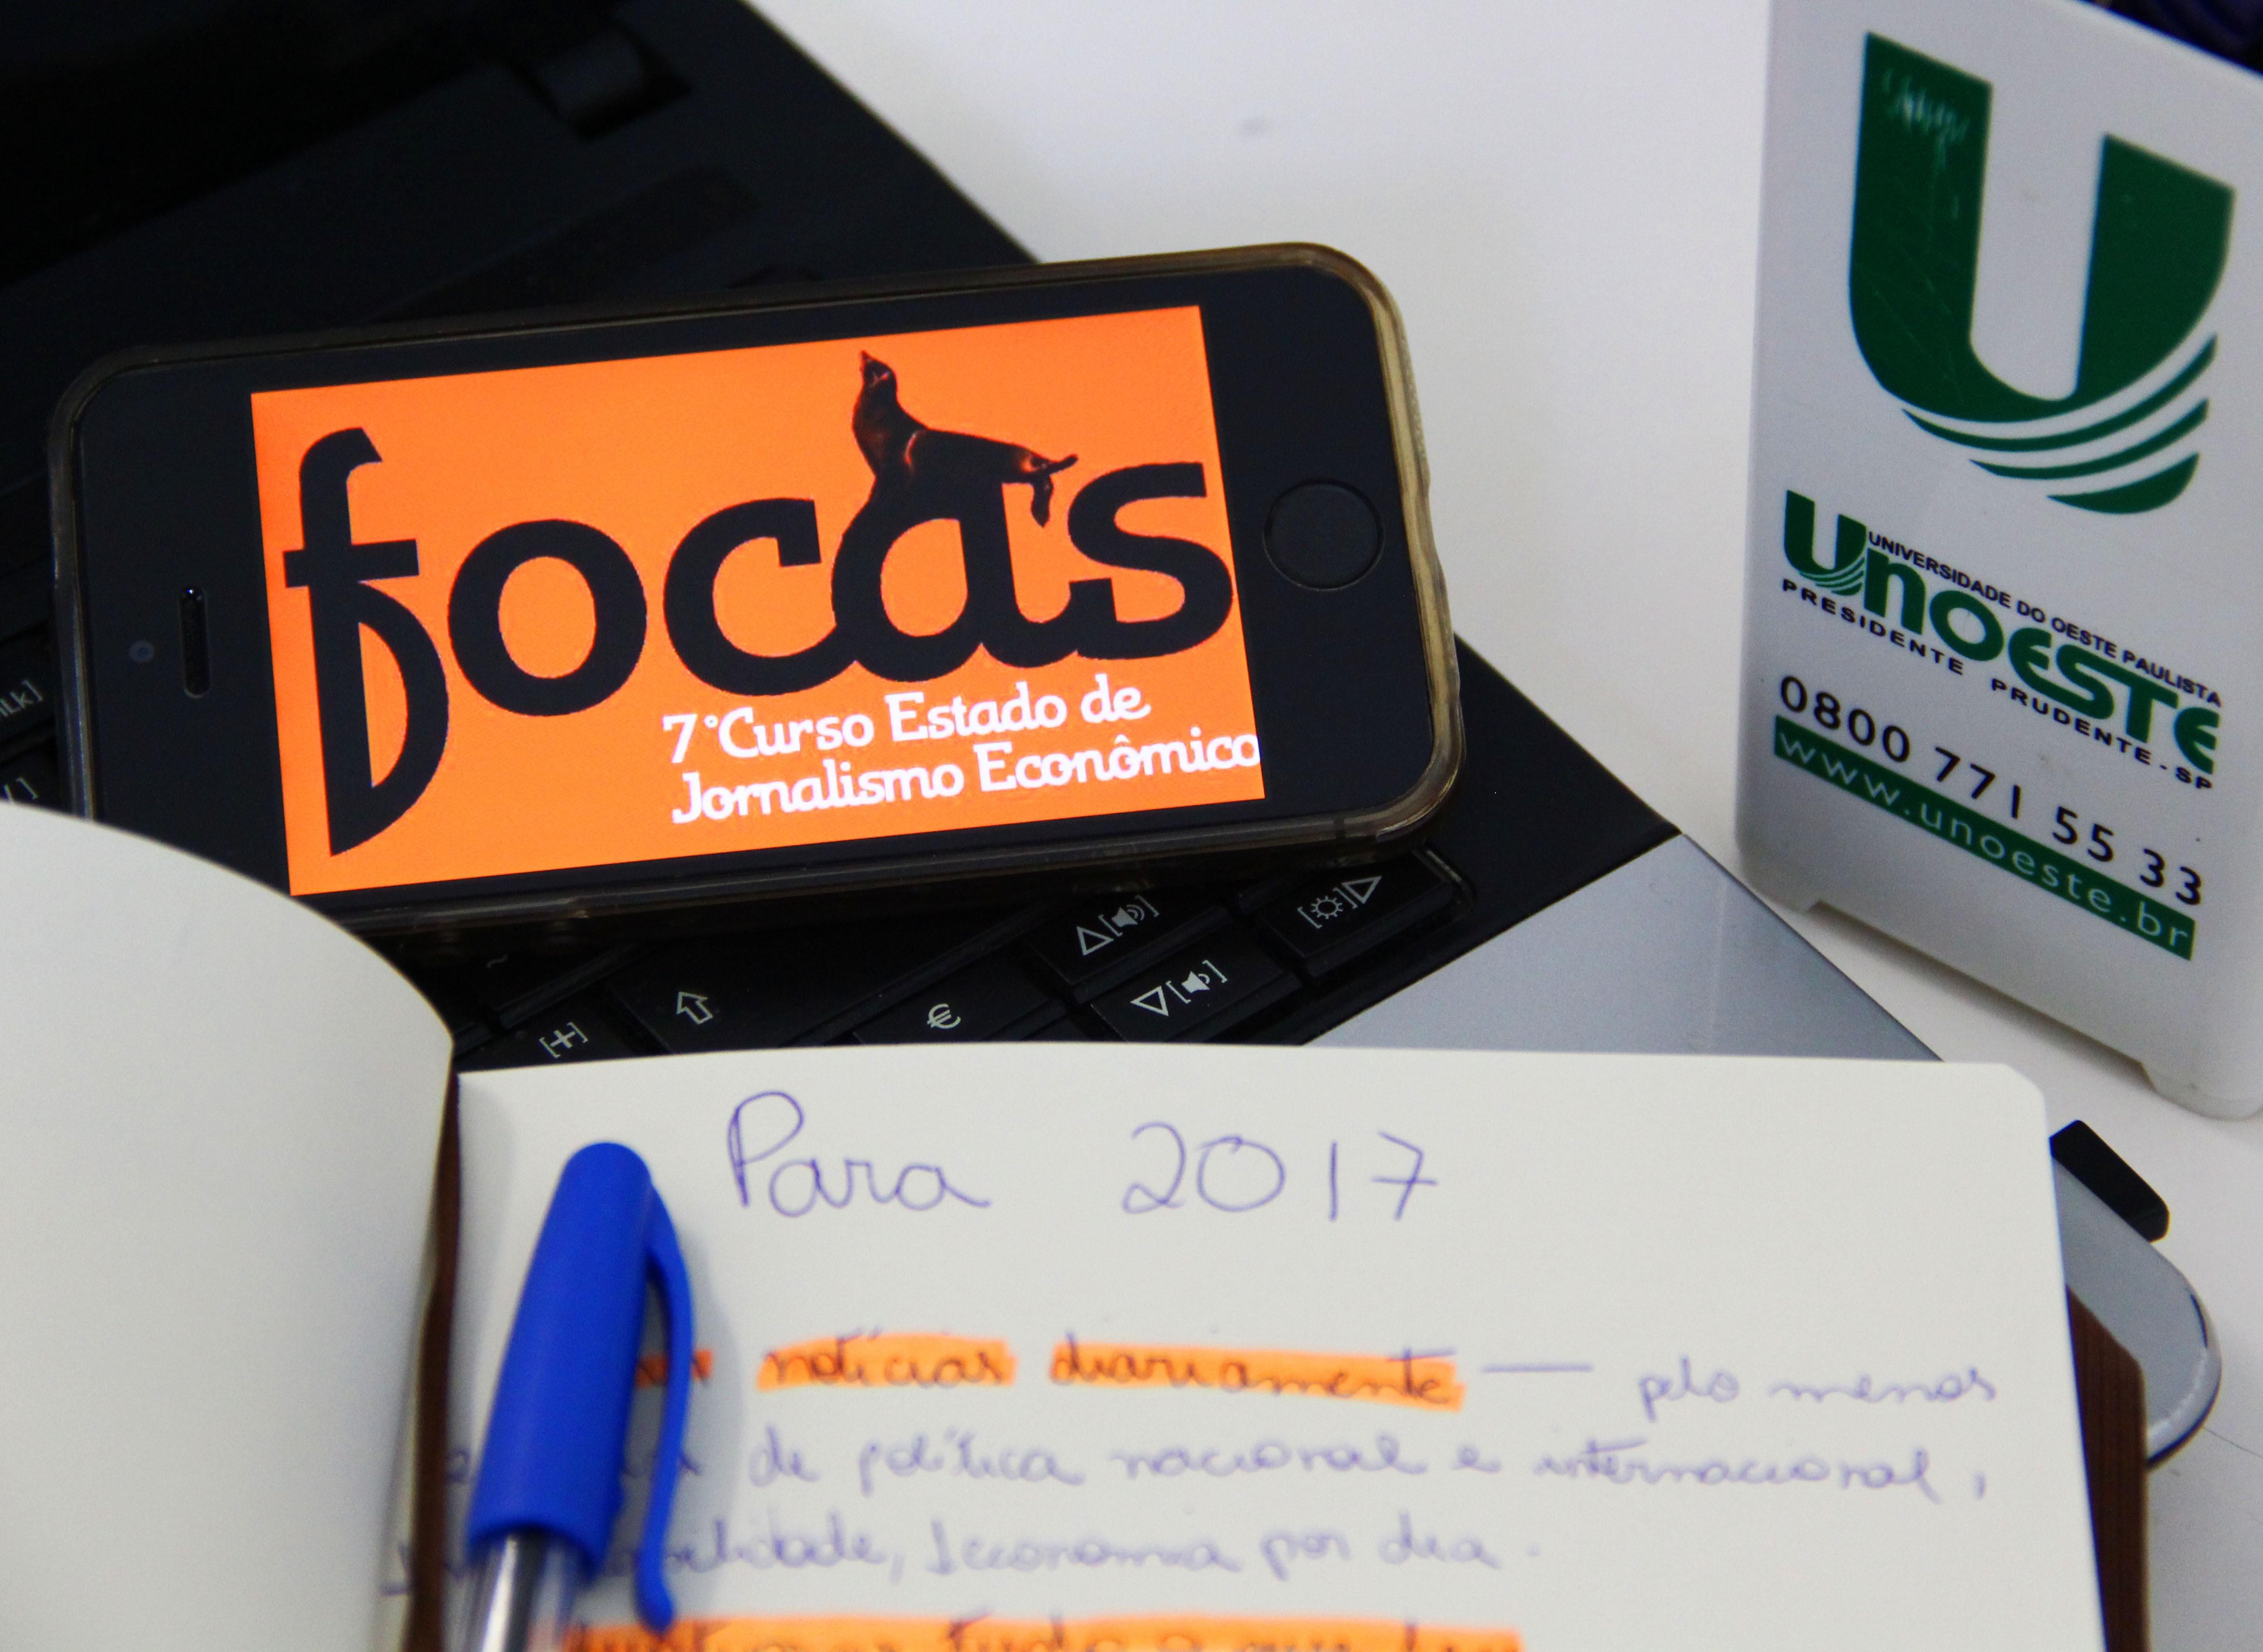 Curso Estado de Jornalismo oferece especialização em área econômica